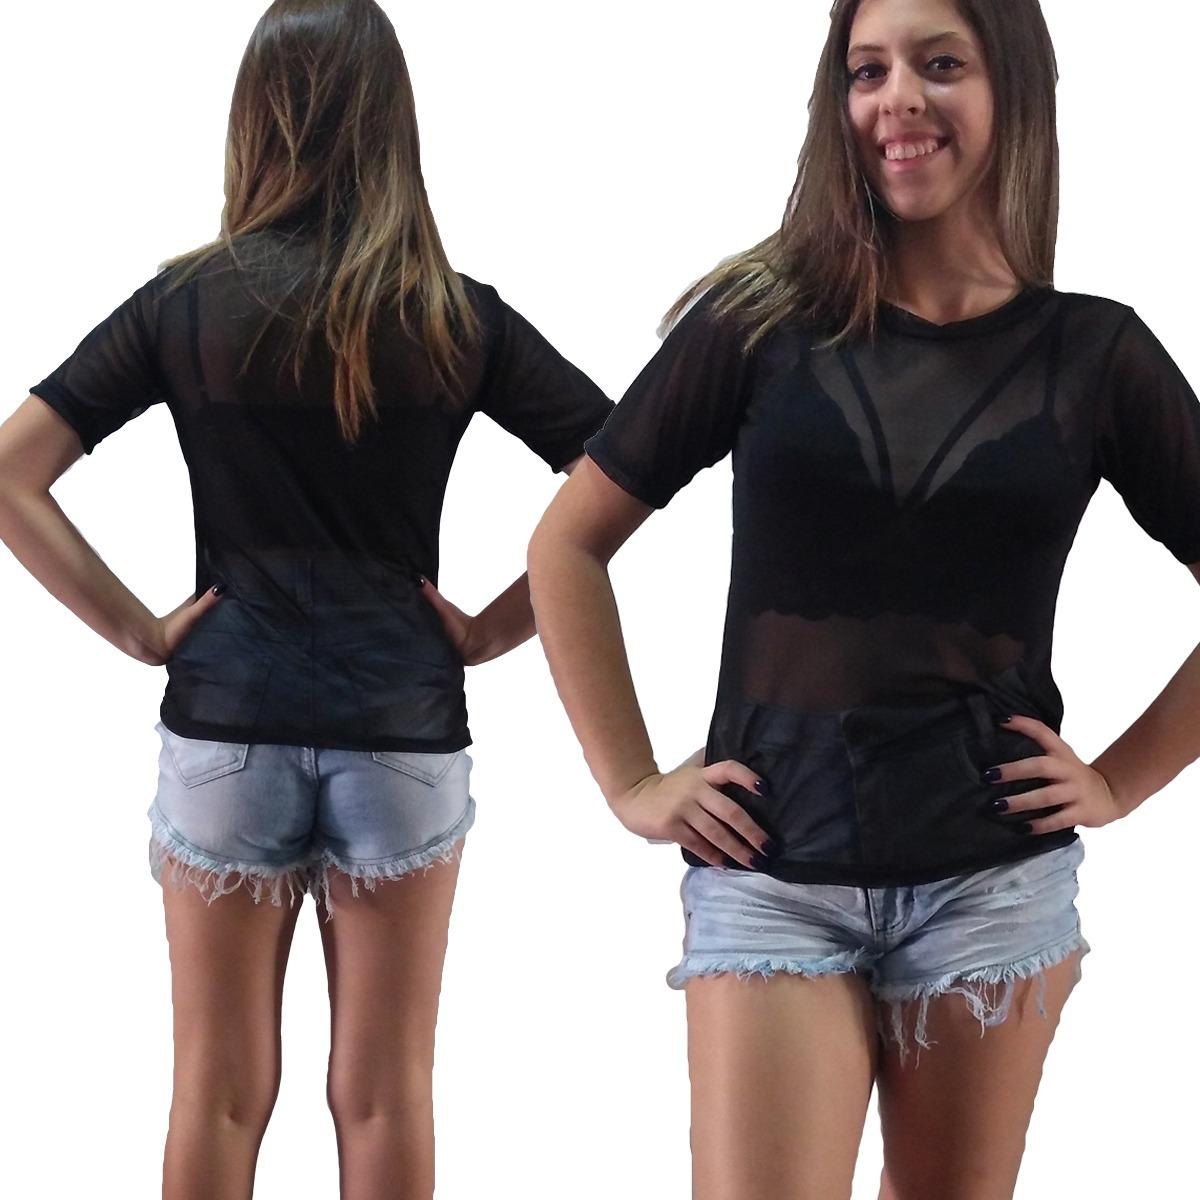 56be3899b mercado livre  mercadolivre  comprar  blusas femininas  roupas femininas   atacado  varejo